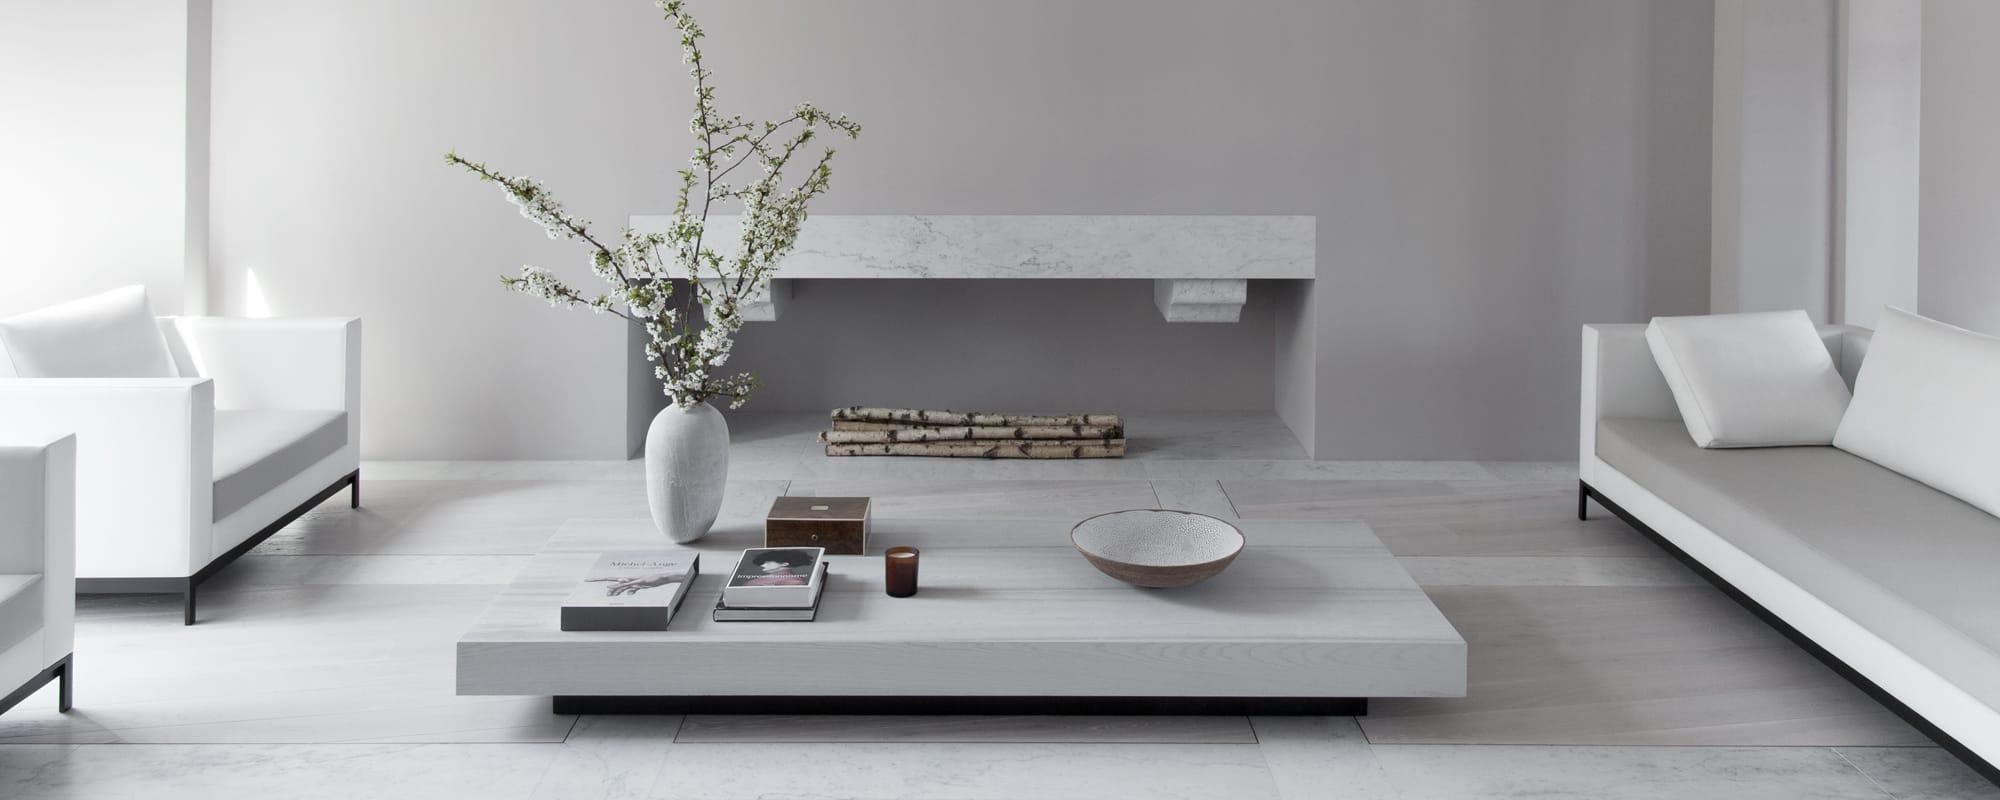 Ganz in Weiß: Apartment von Guillaume Alan in Paris - AD